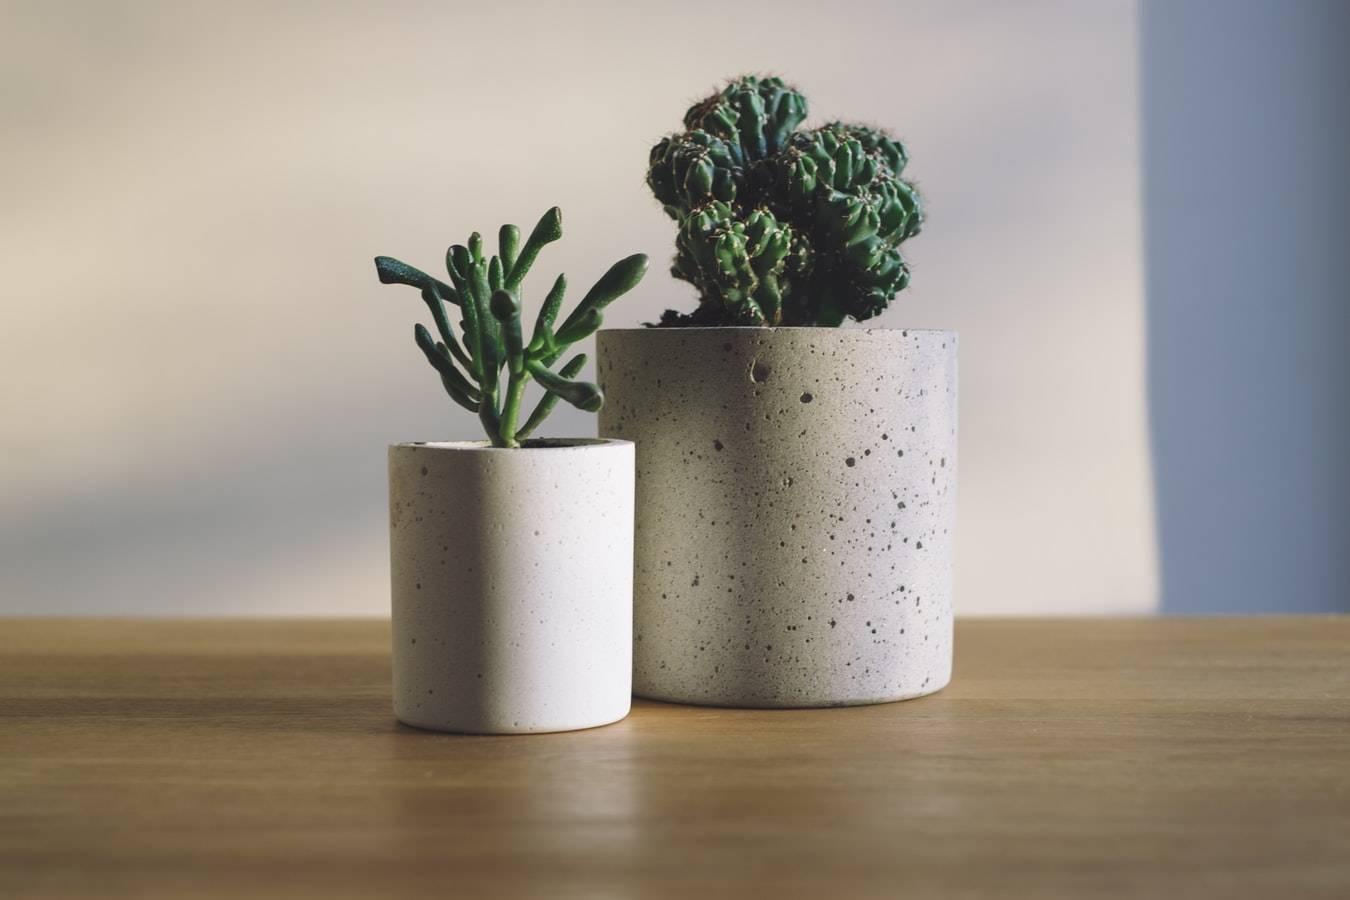 hygge plants